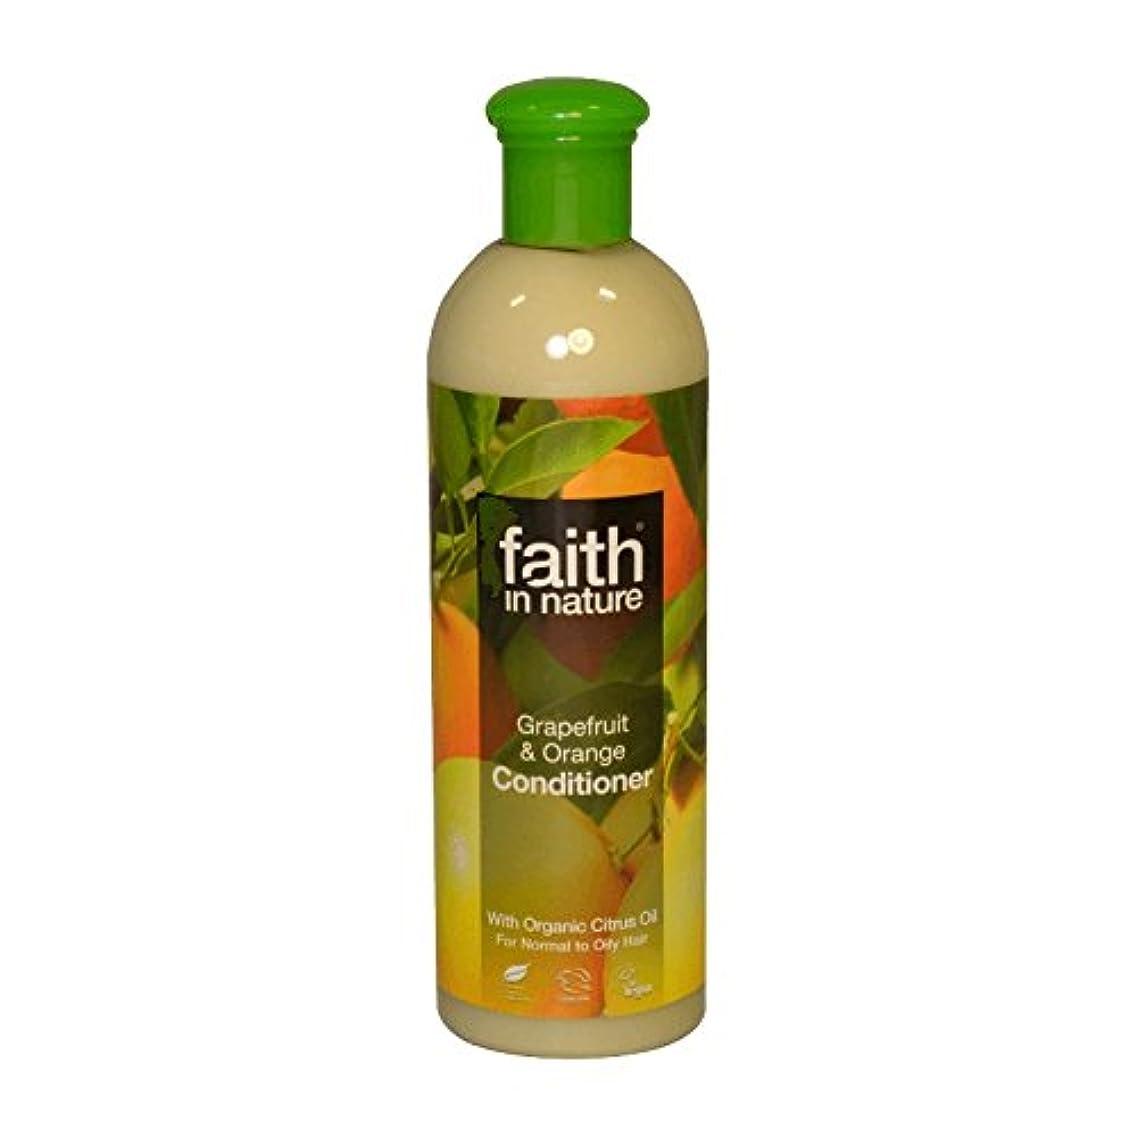 傾向ごみ裁判所Faith in Nature Grapefruit & Orange Conditioner 400ml (Pack of 6) - 自然グレープフルーツ&オレンジコンディショナー400ミリリットルの信仰 (x6) [...